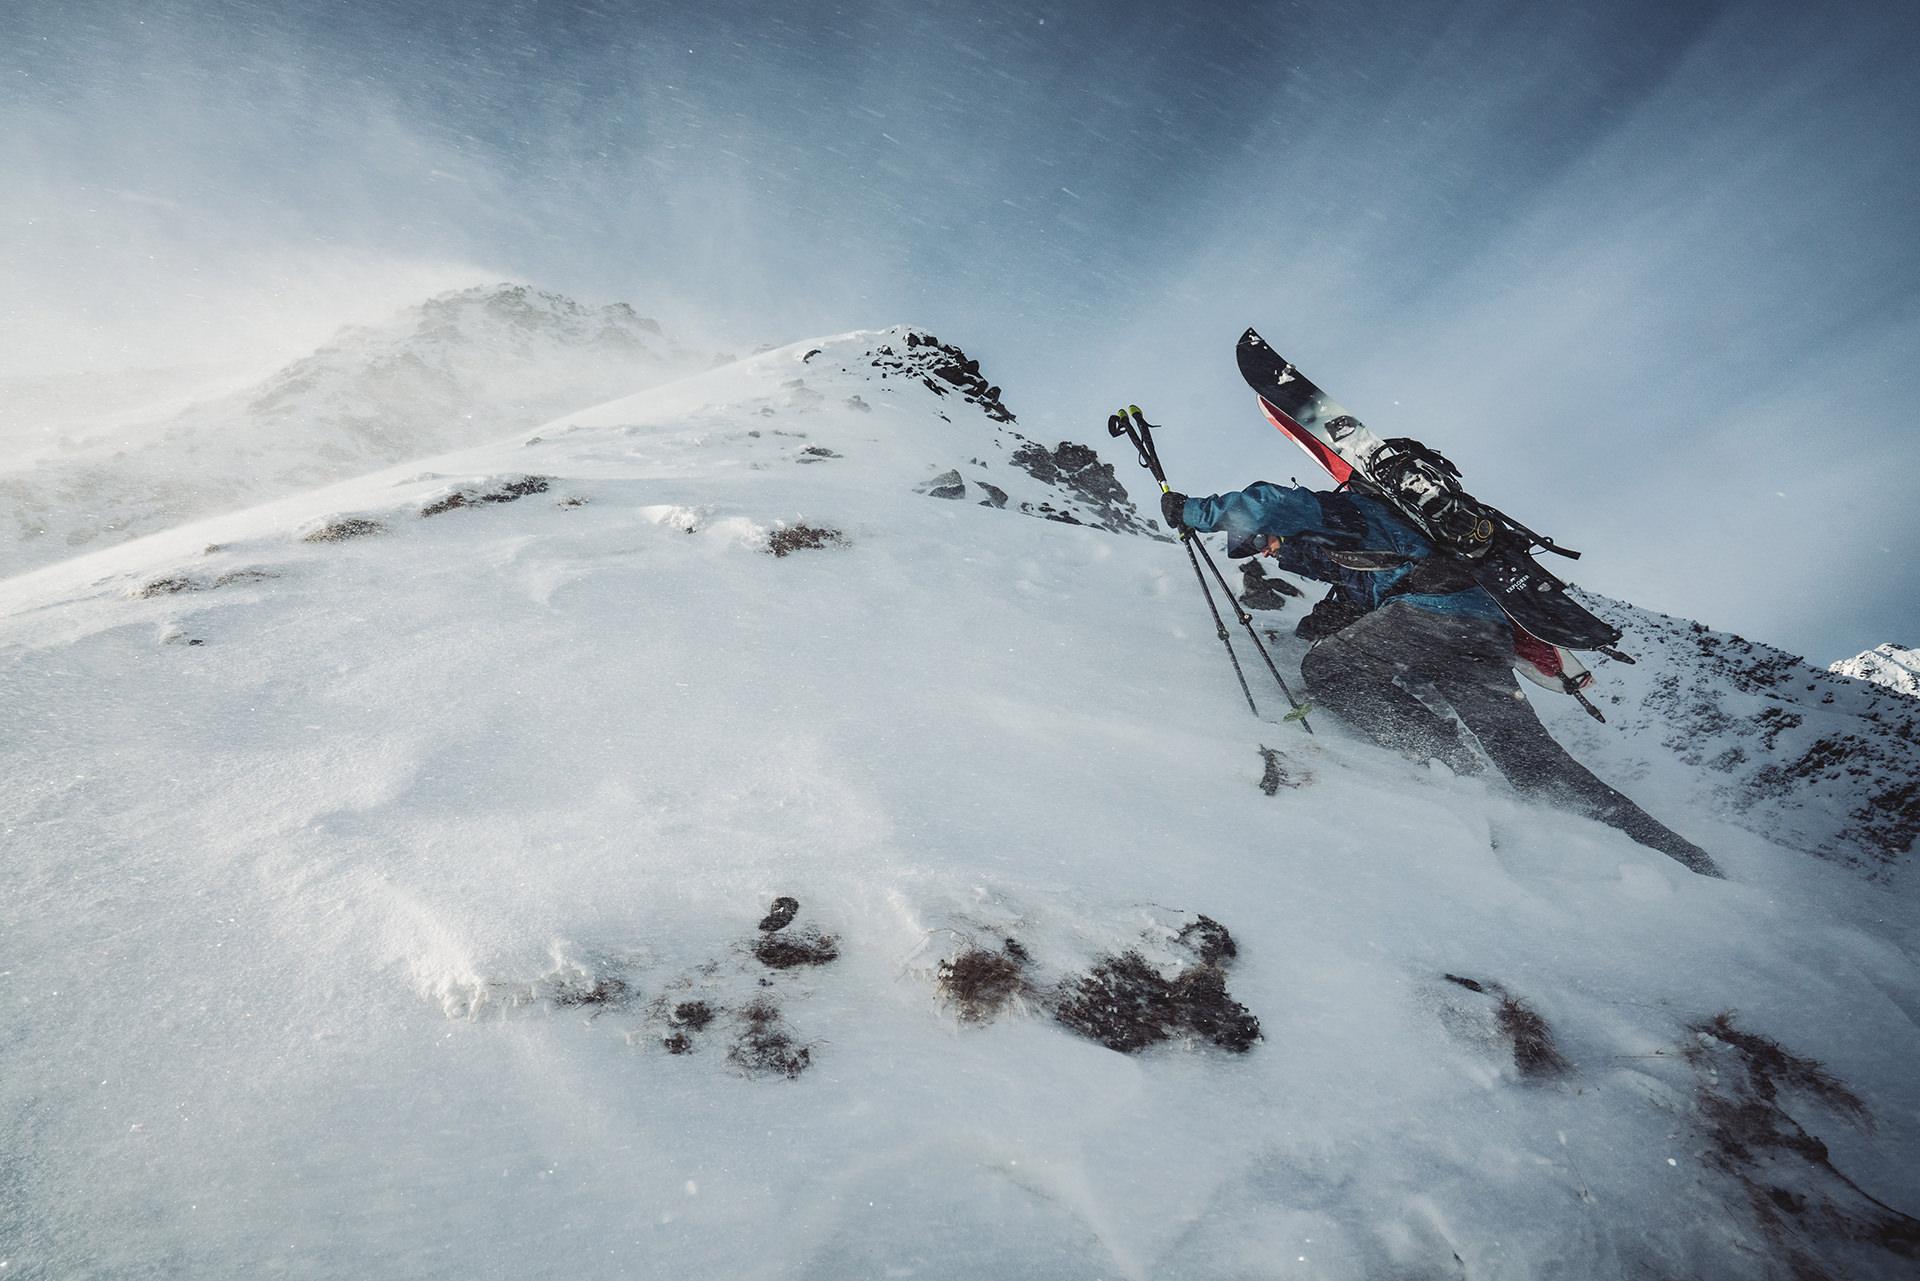 ski-tour-equipment-schnee-boee